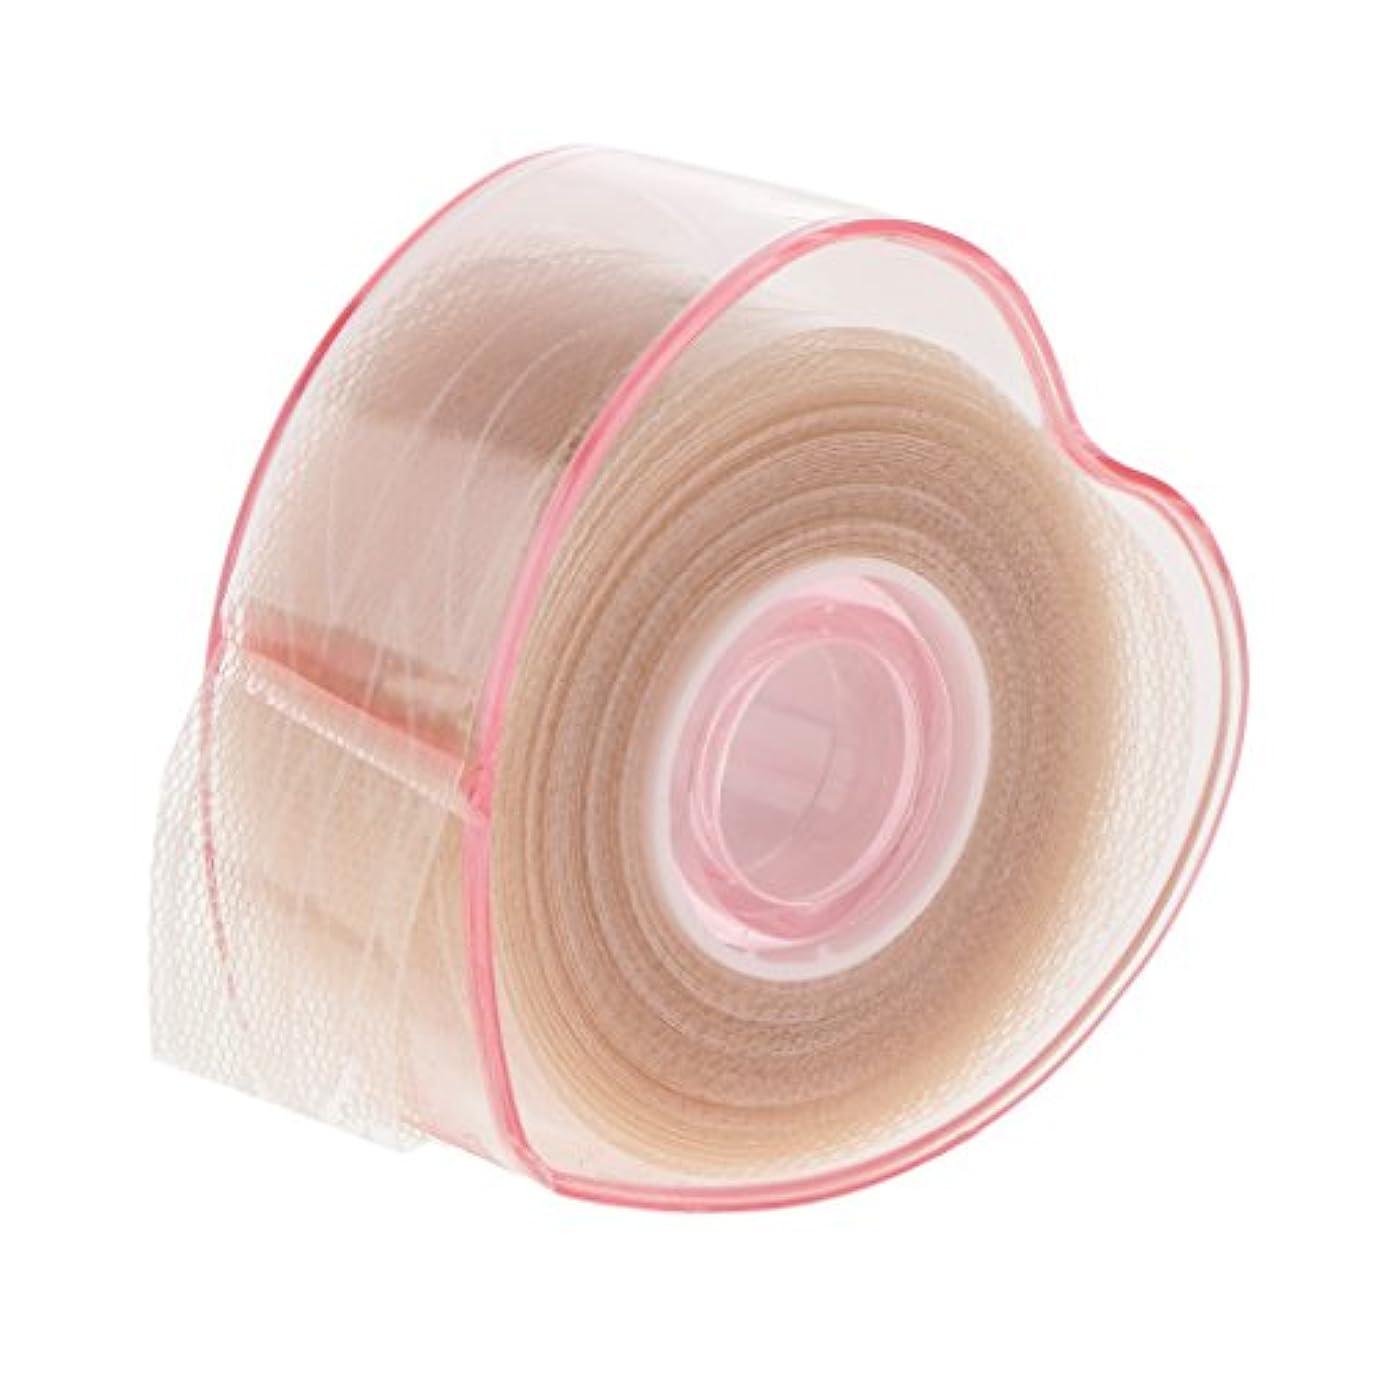 Blesiya 二重まぶたロール 二重まぶた テープロール 繊維 レース メッシュ 粘着性なし メイクアップ アイメイク 自然 4タイプ選べる - c